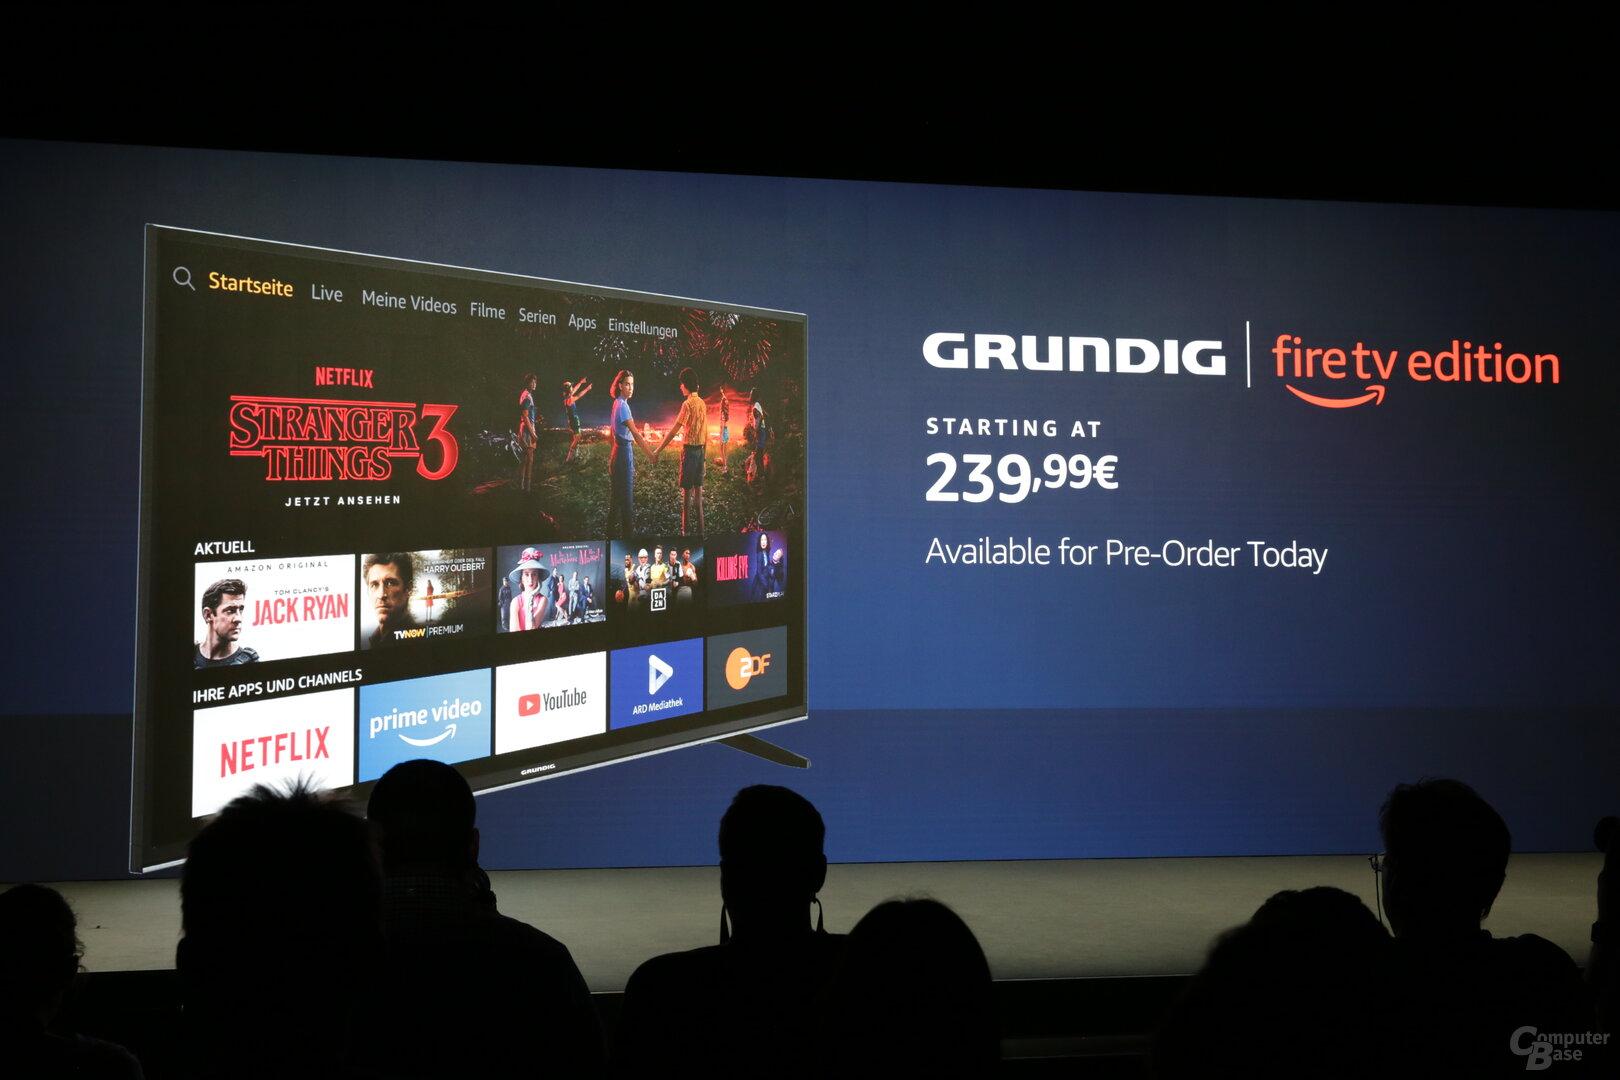 Grund-Fernseher als Fire TV Edition